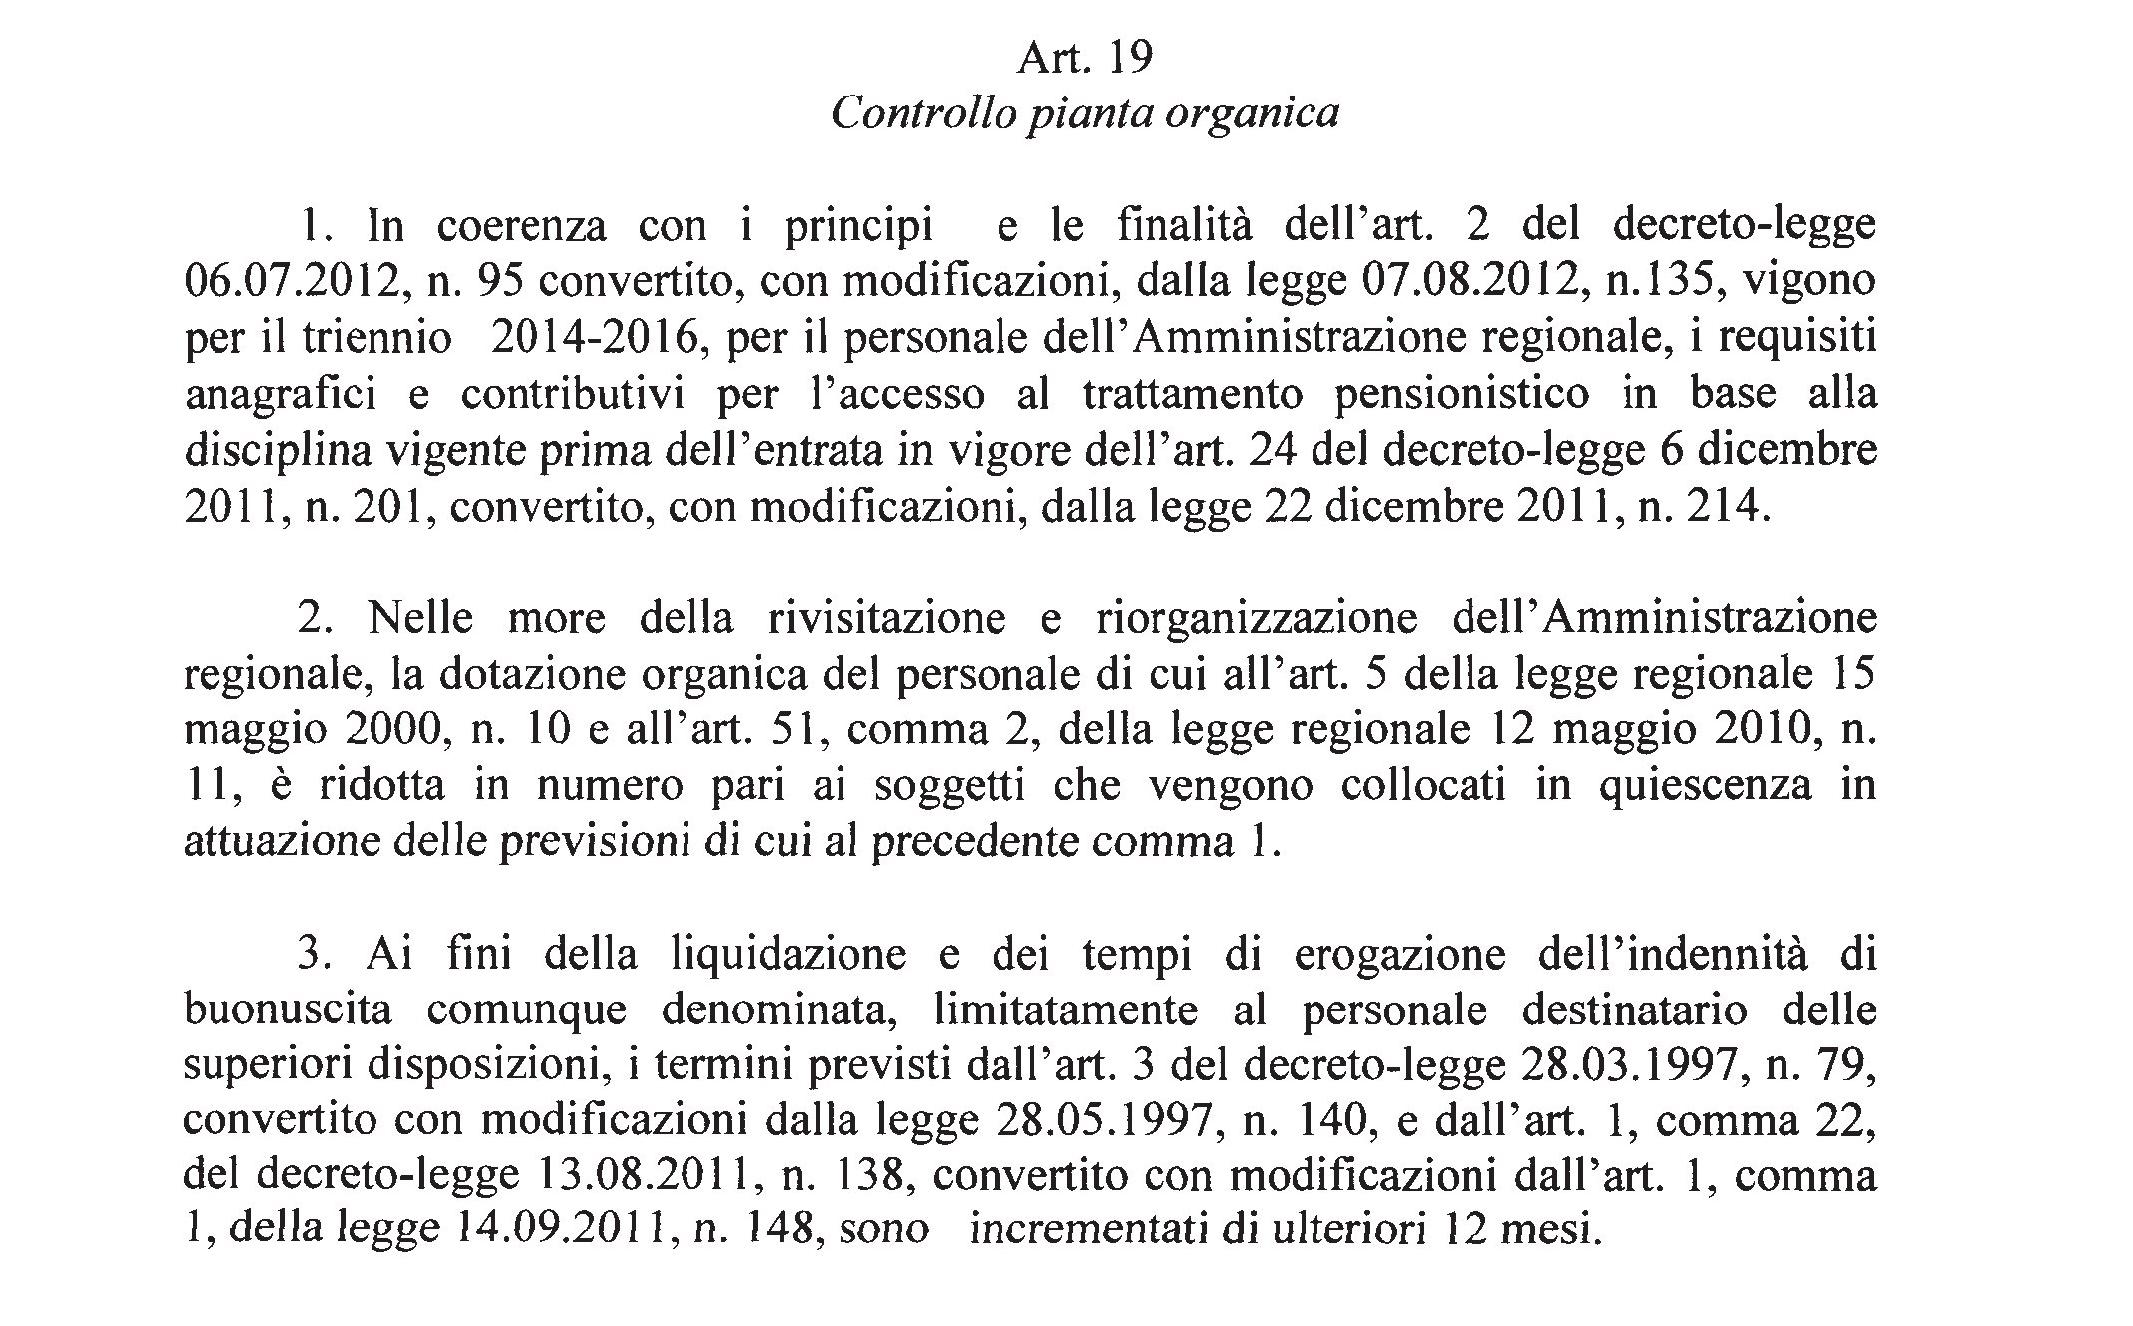 Prepensionamento alla regione ecco cosa prevede l art 19 for Aggiunte di legge